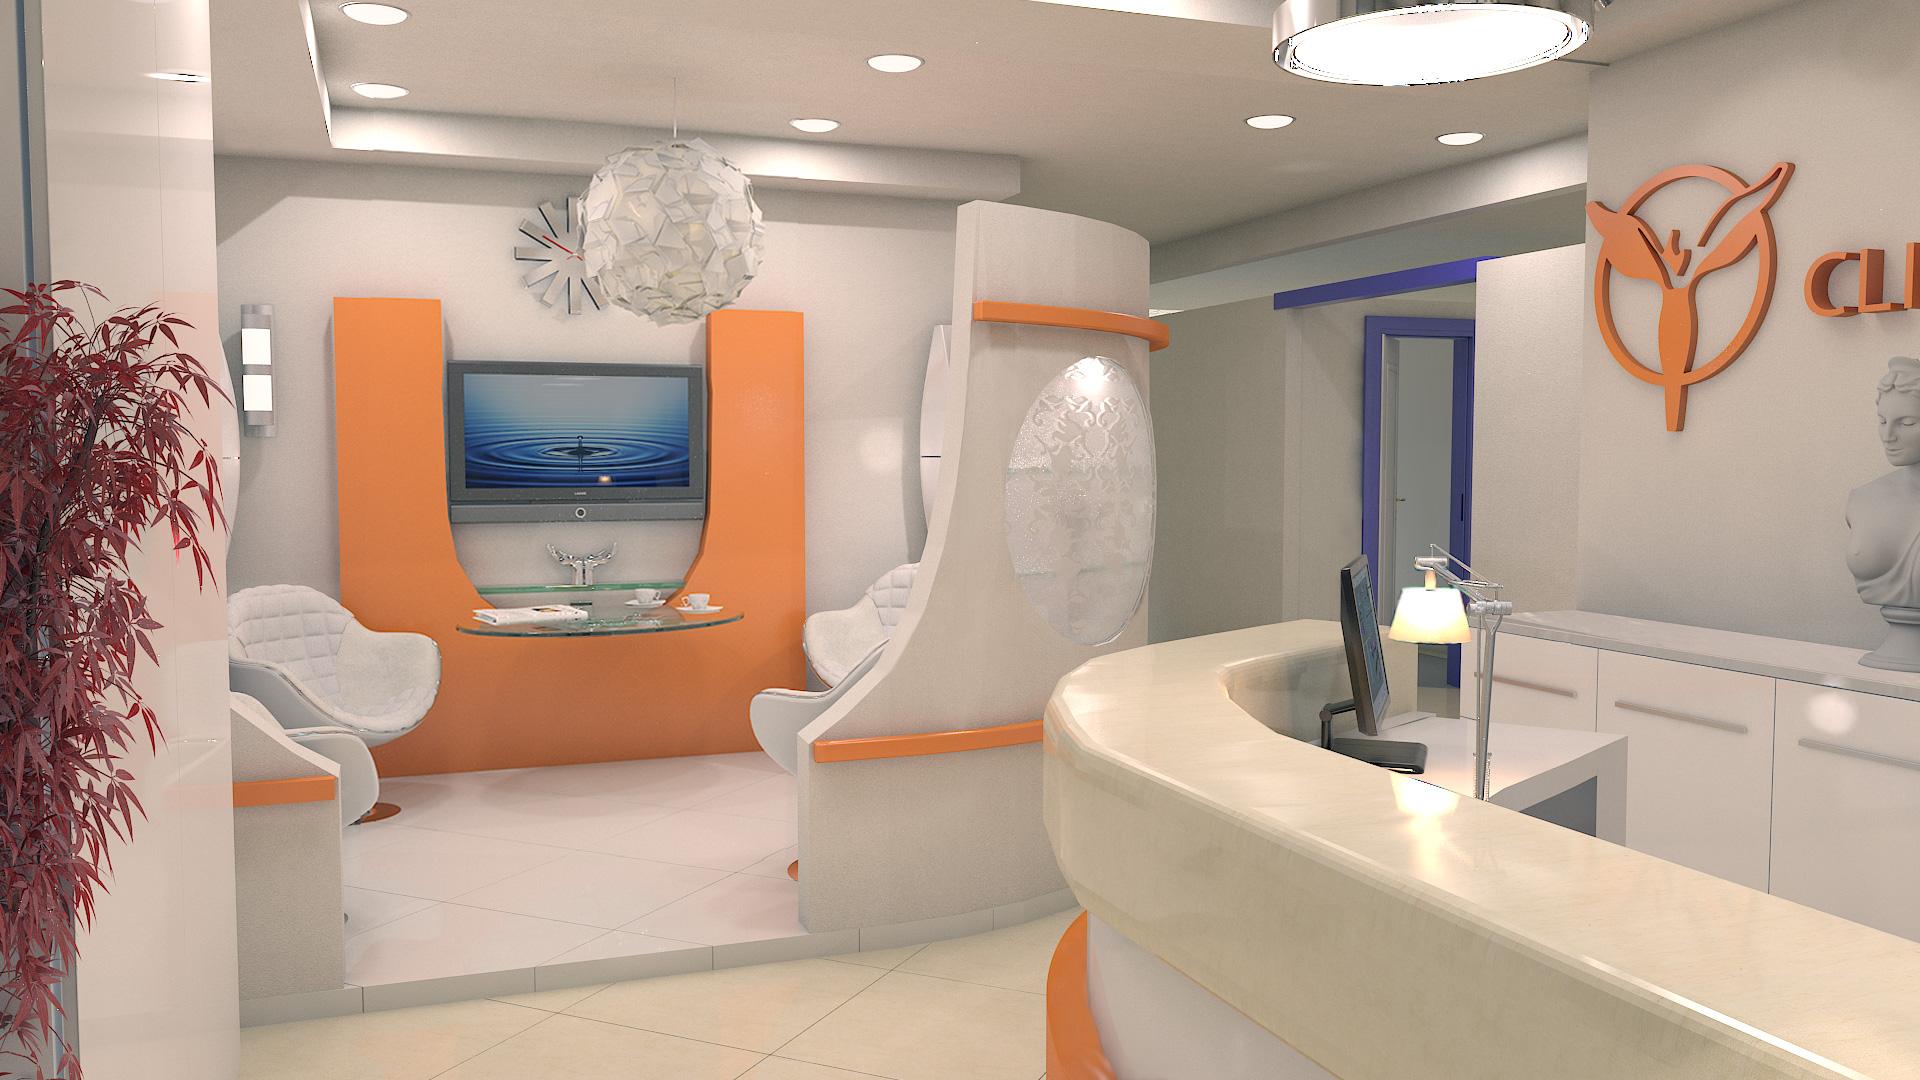 dizajn enterijera - klinika3